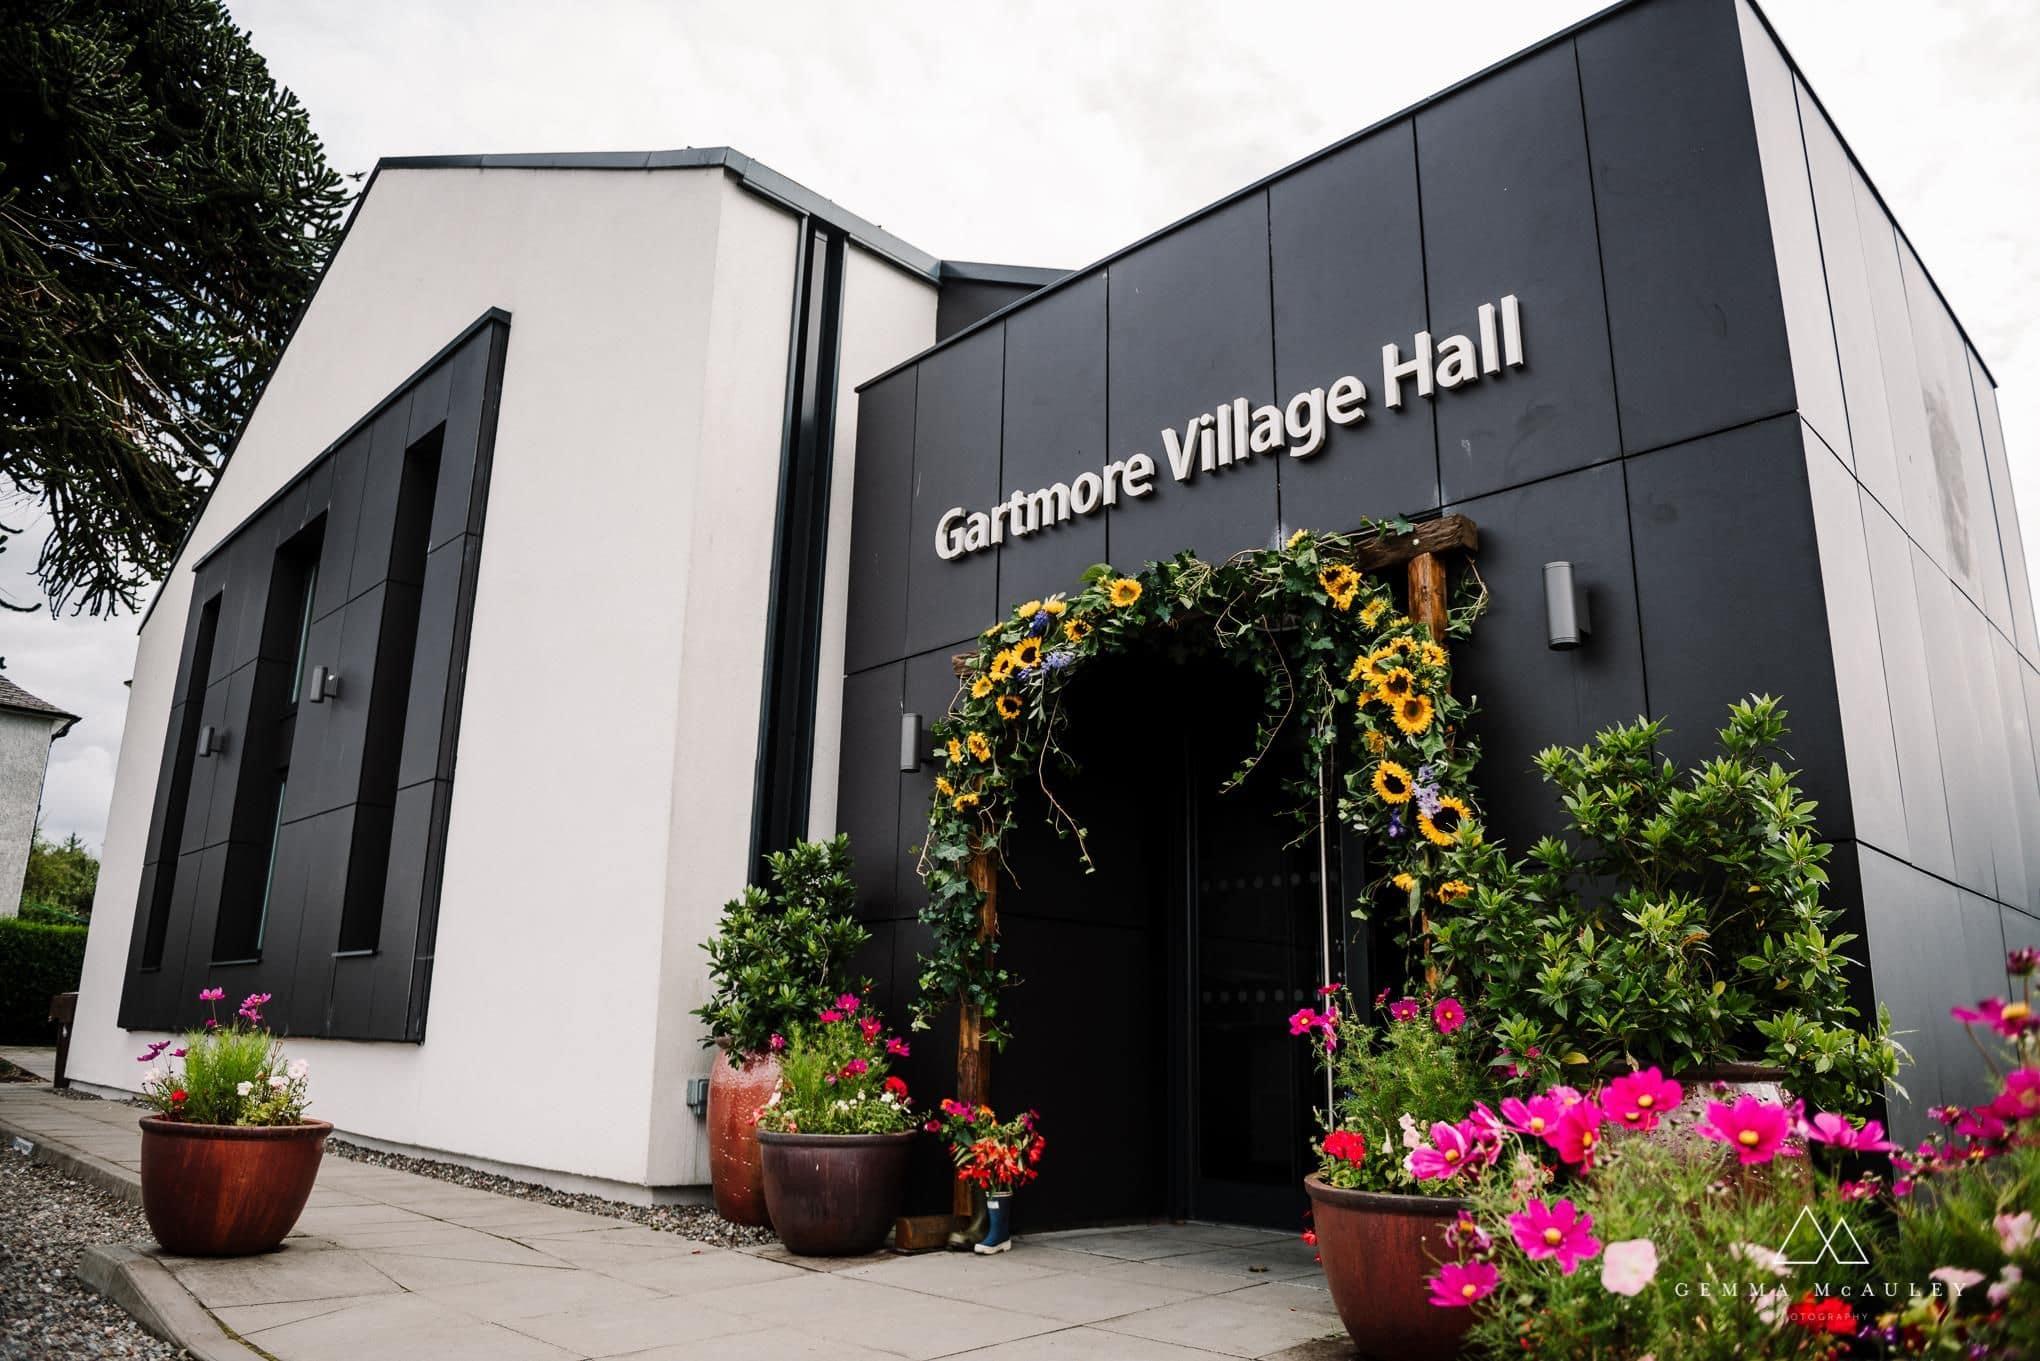 scottish-wedding-stirling-glasgow-killearn-scotland-gartmore-village-hall-reception